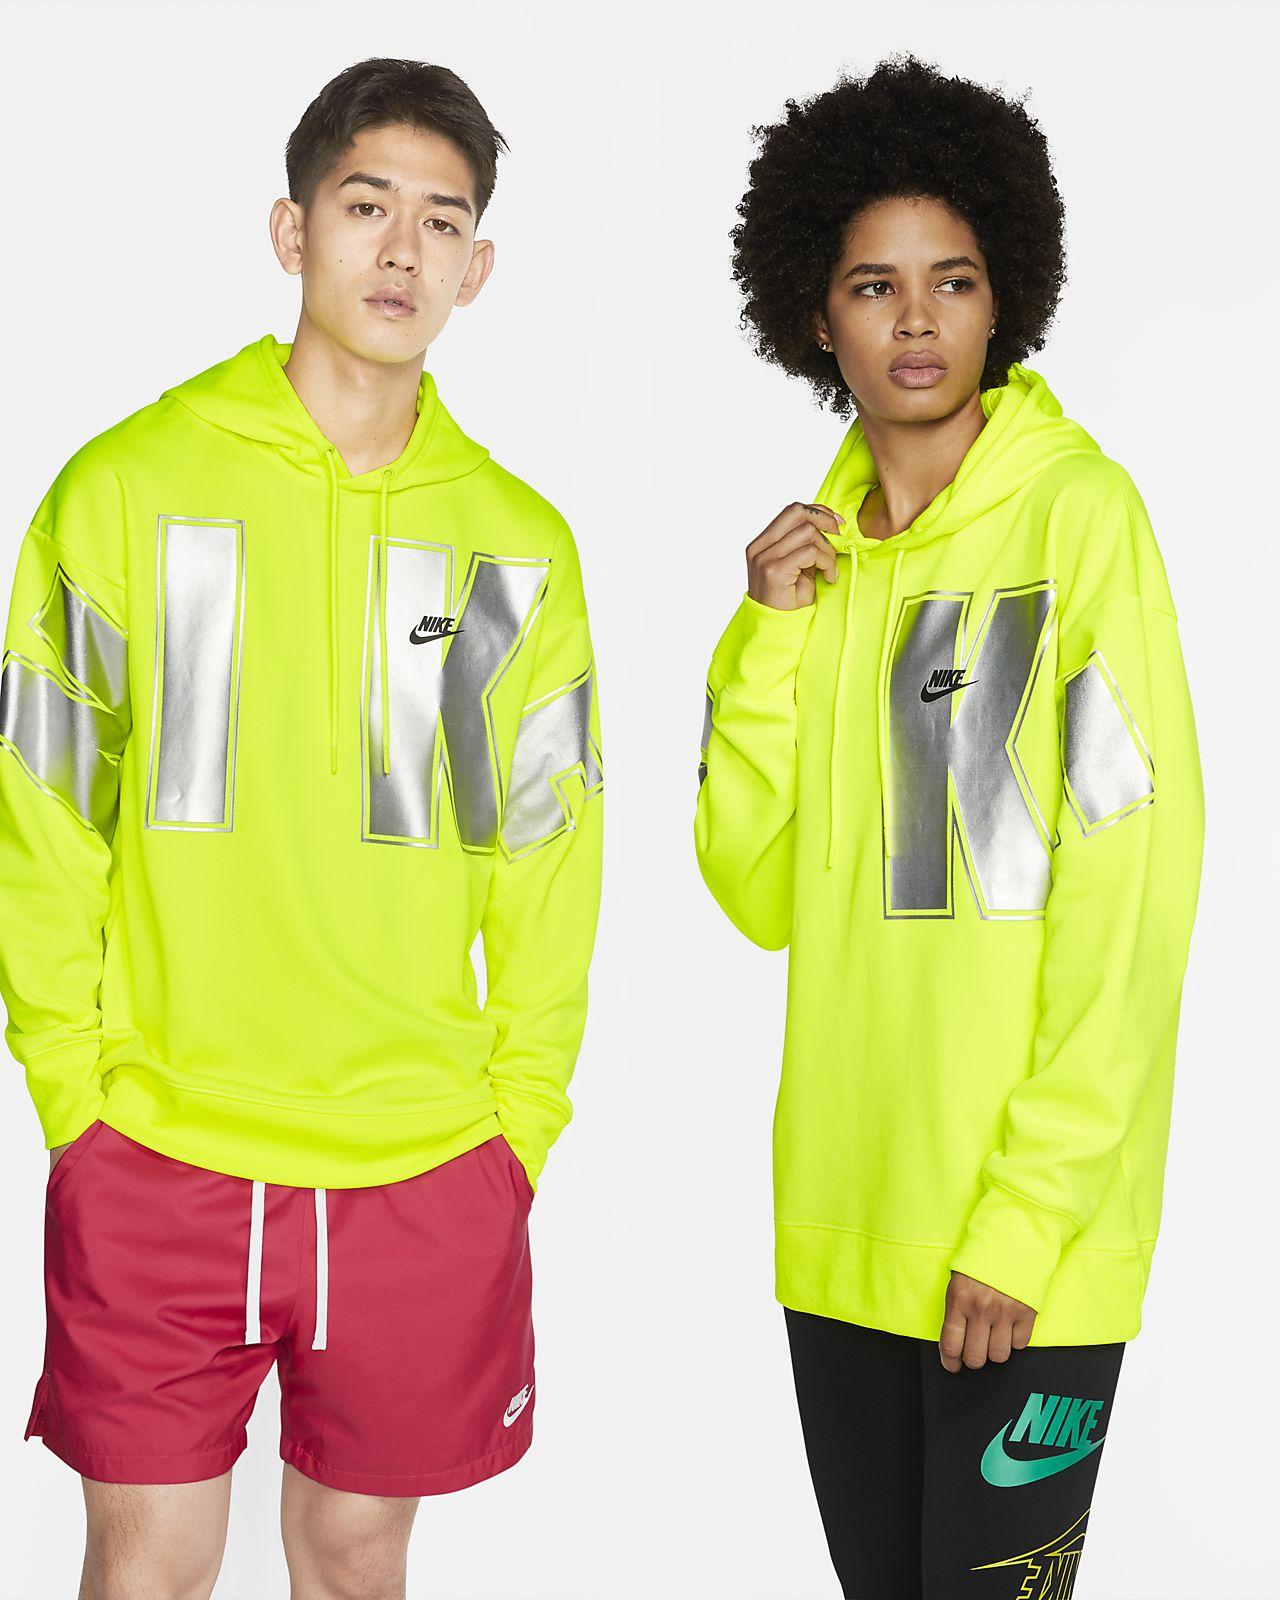 Fleecehuvtröja Nike Sportswear för män